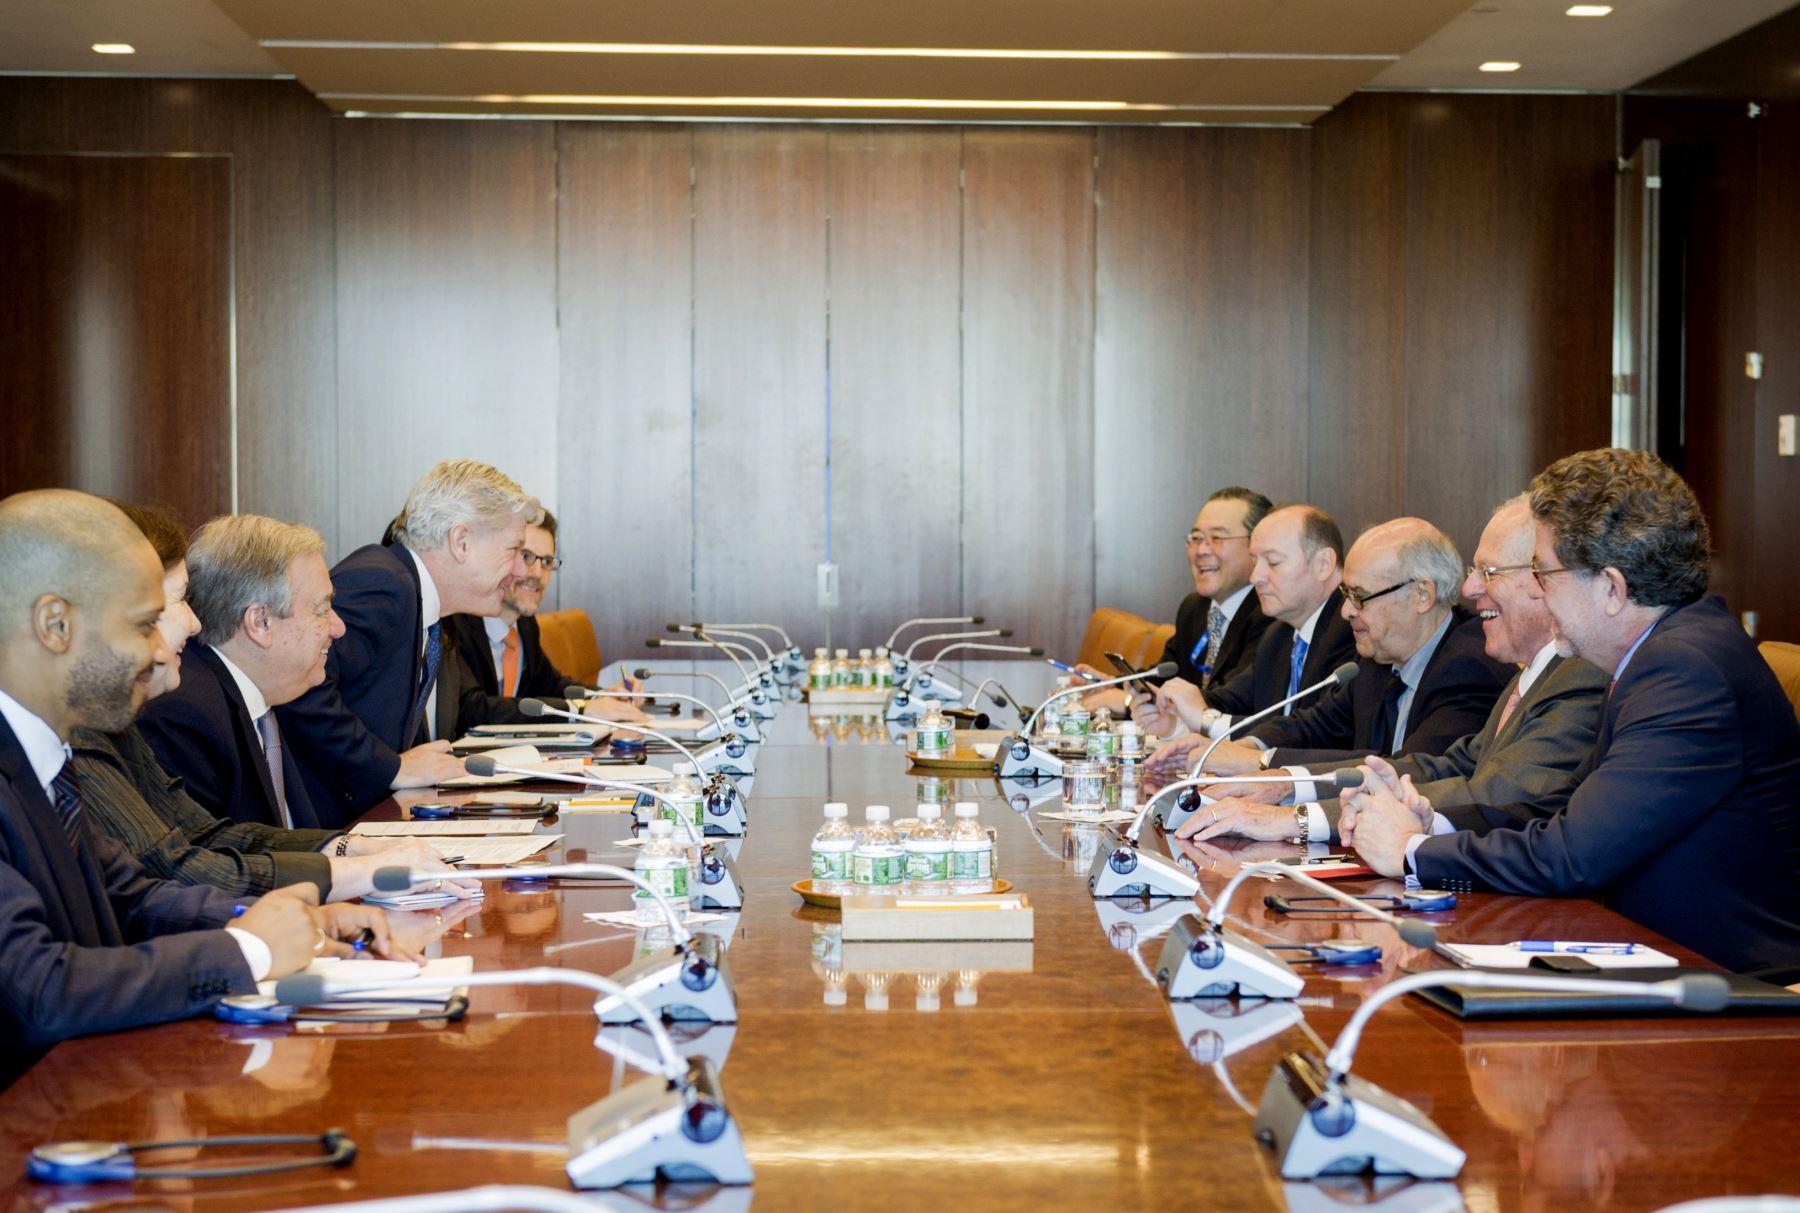 El Jefe del Estado, Pedro Pablo Kuczynski, firmó hoy el libro de honor de las Naciones Unidas a su llegada a la sede de este organismo internacional en Nueva York. Foto: ONU